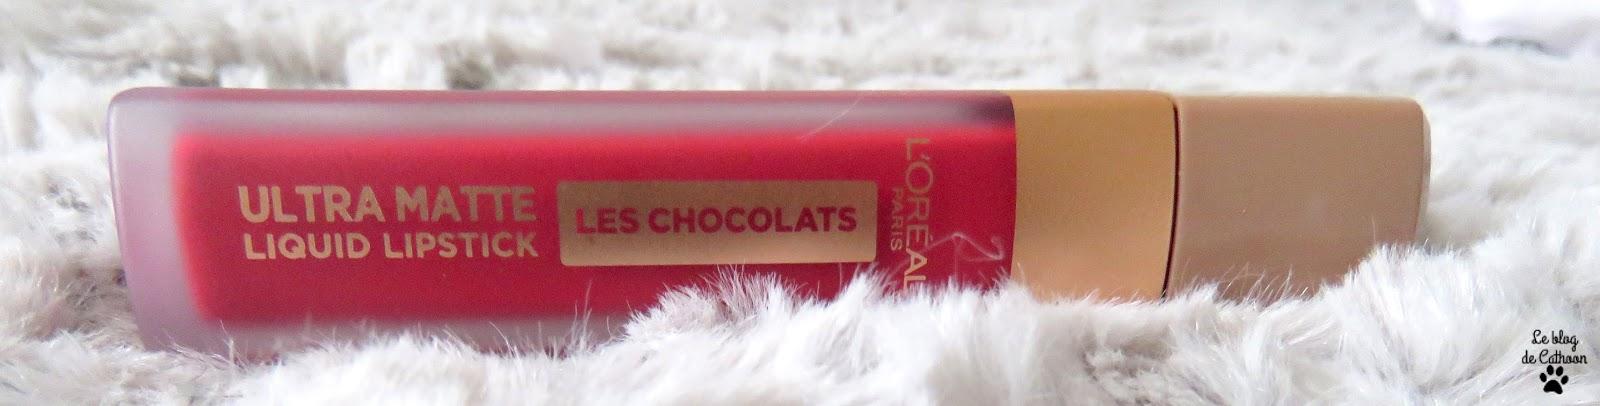 Ultra Matte - Liquid Lipstick - Les Chocolats - 864 Tasty Ruby - L'Oréal